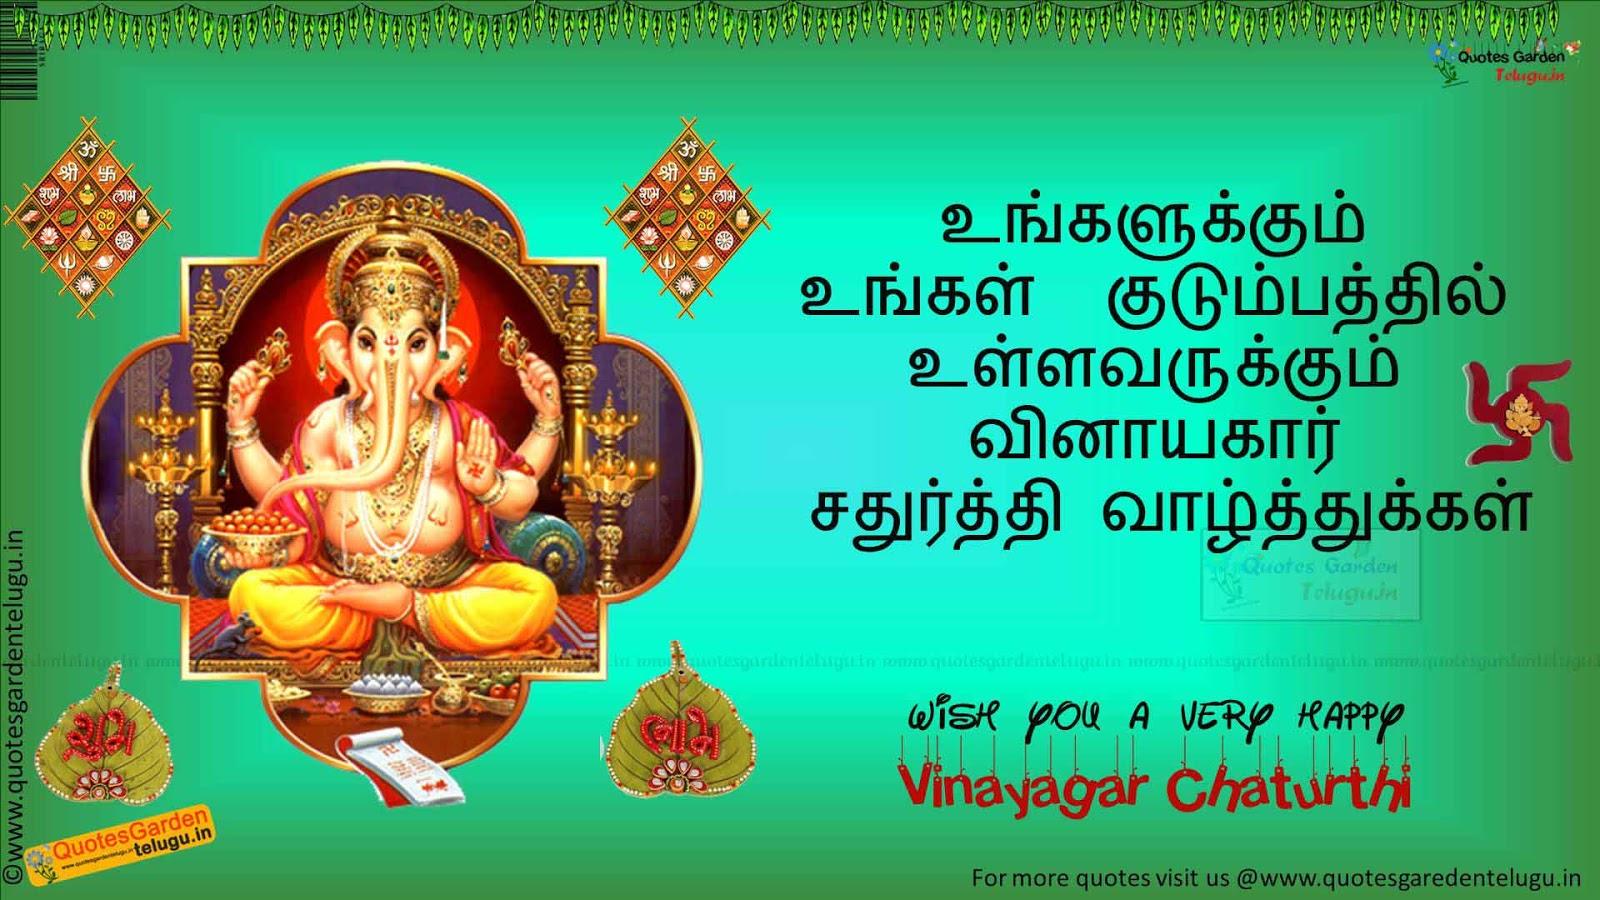 Hd wallpaper vinayagar - Vinayagar Chaturthi Tamil Quotes Hdwallpapers Greetings Messages